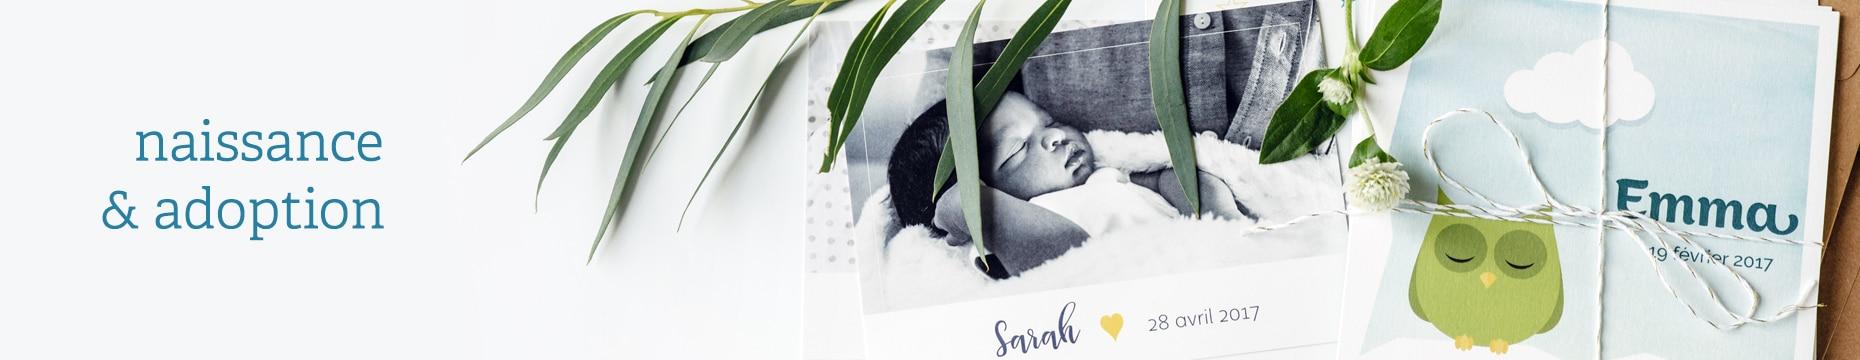 Faire-part naissance & adoption